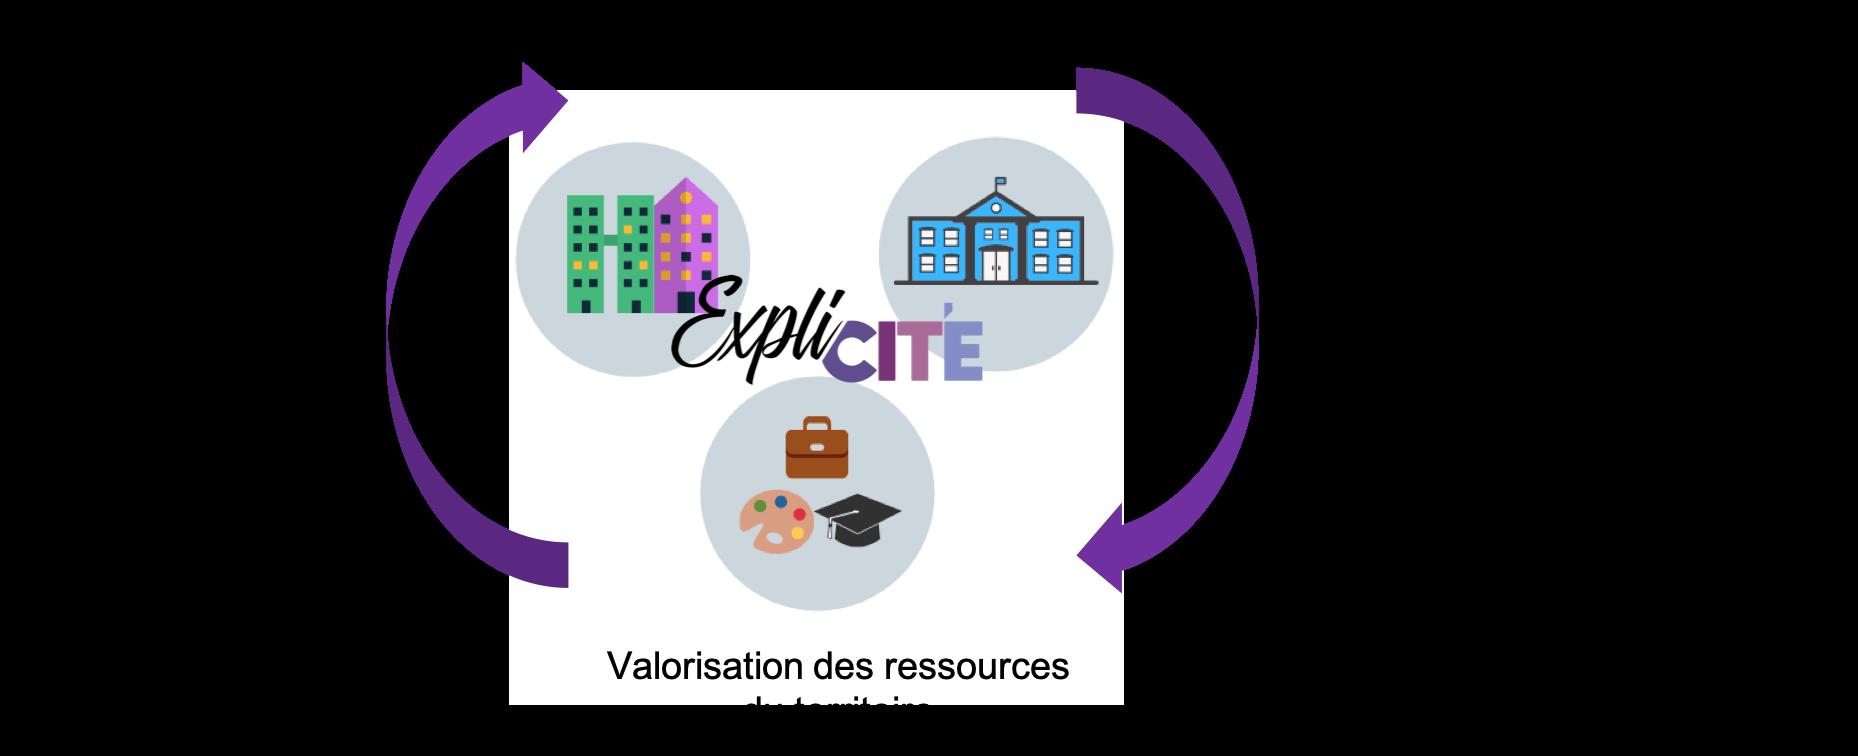 Expli'Cité fait du tutorat personnalité au sein des établissements scolaires, en s'appuyant sur la valorisation des ressources du territoire et le lien école-quartier.